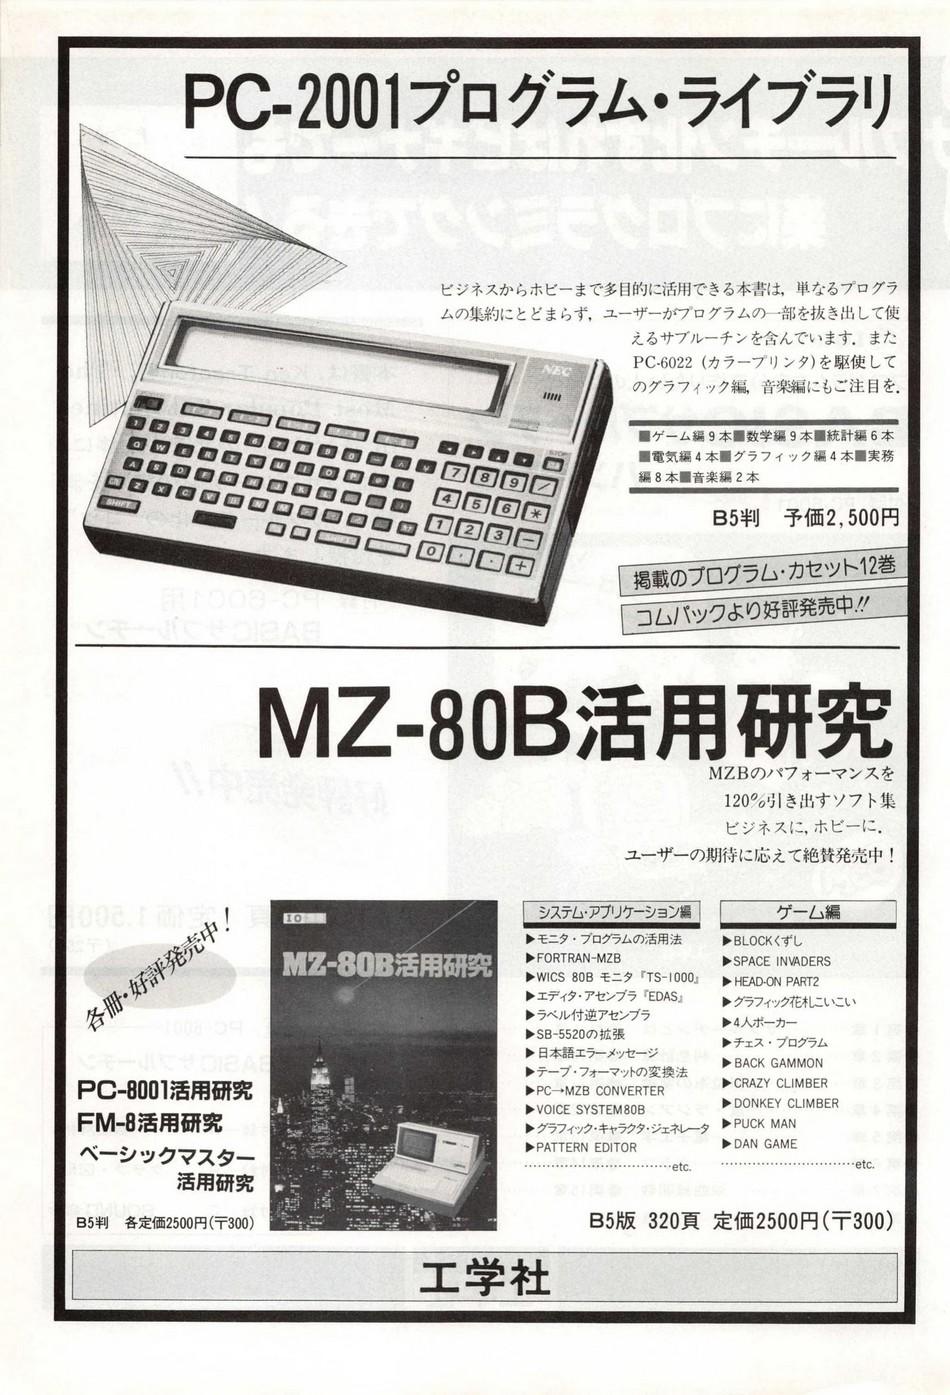 NEC PC-2001